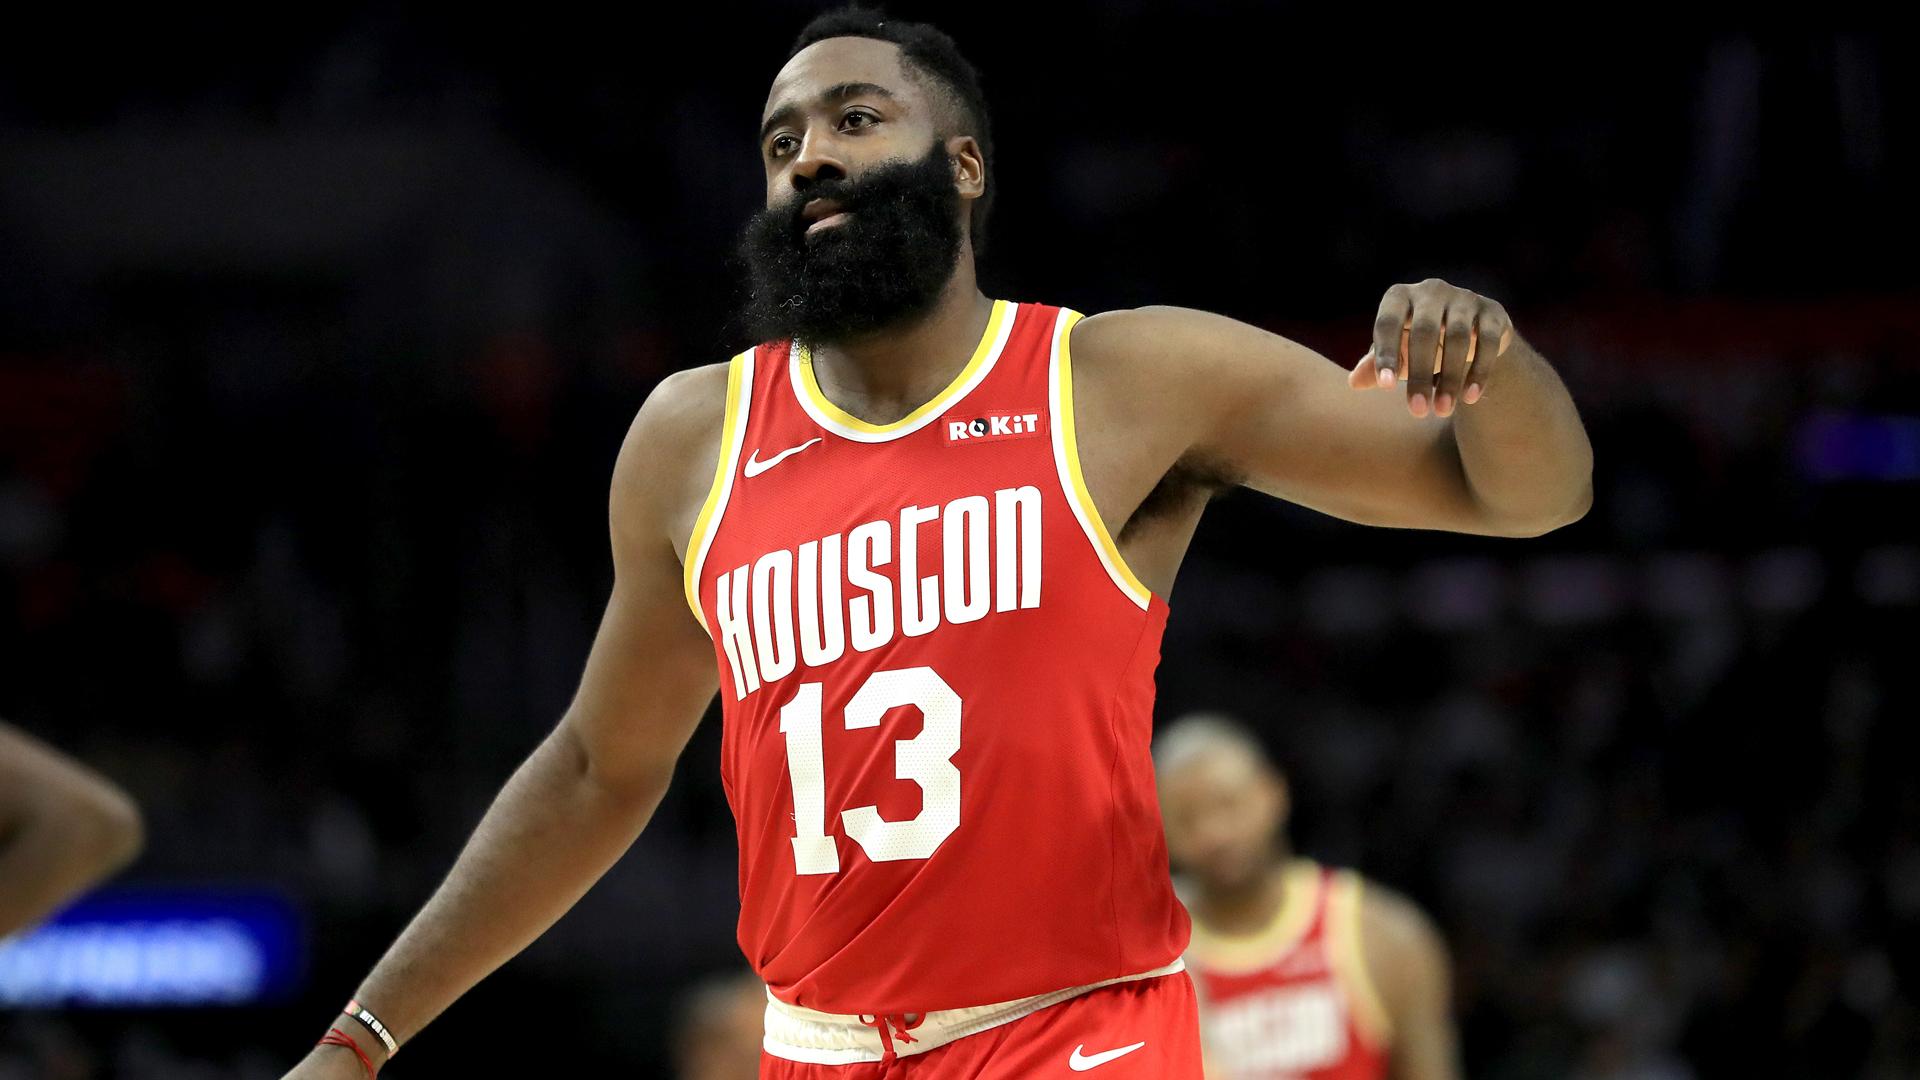 Harden's 54 points lead Rockets, Bucks win 17th straight